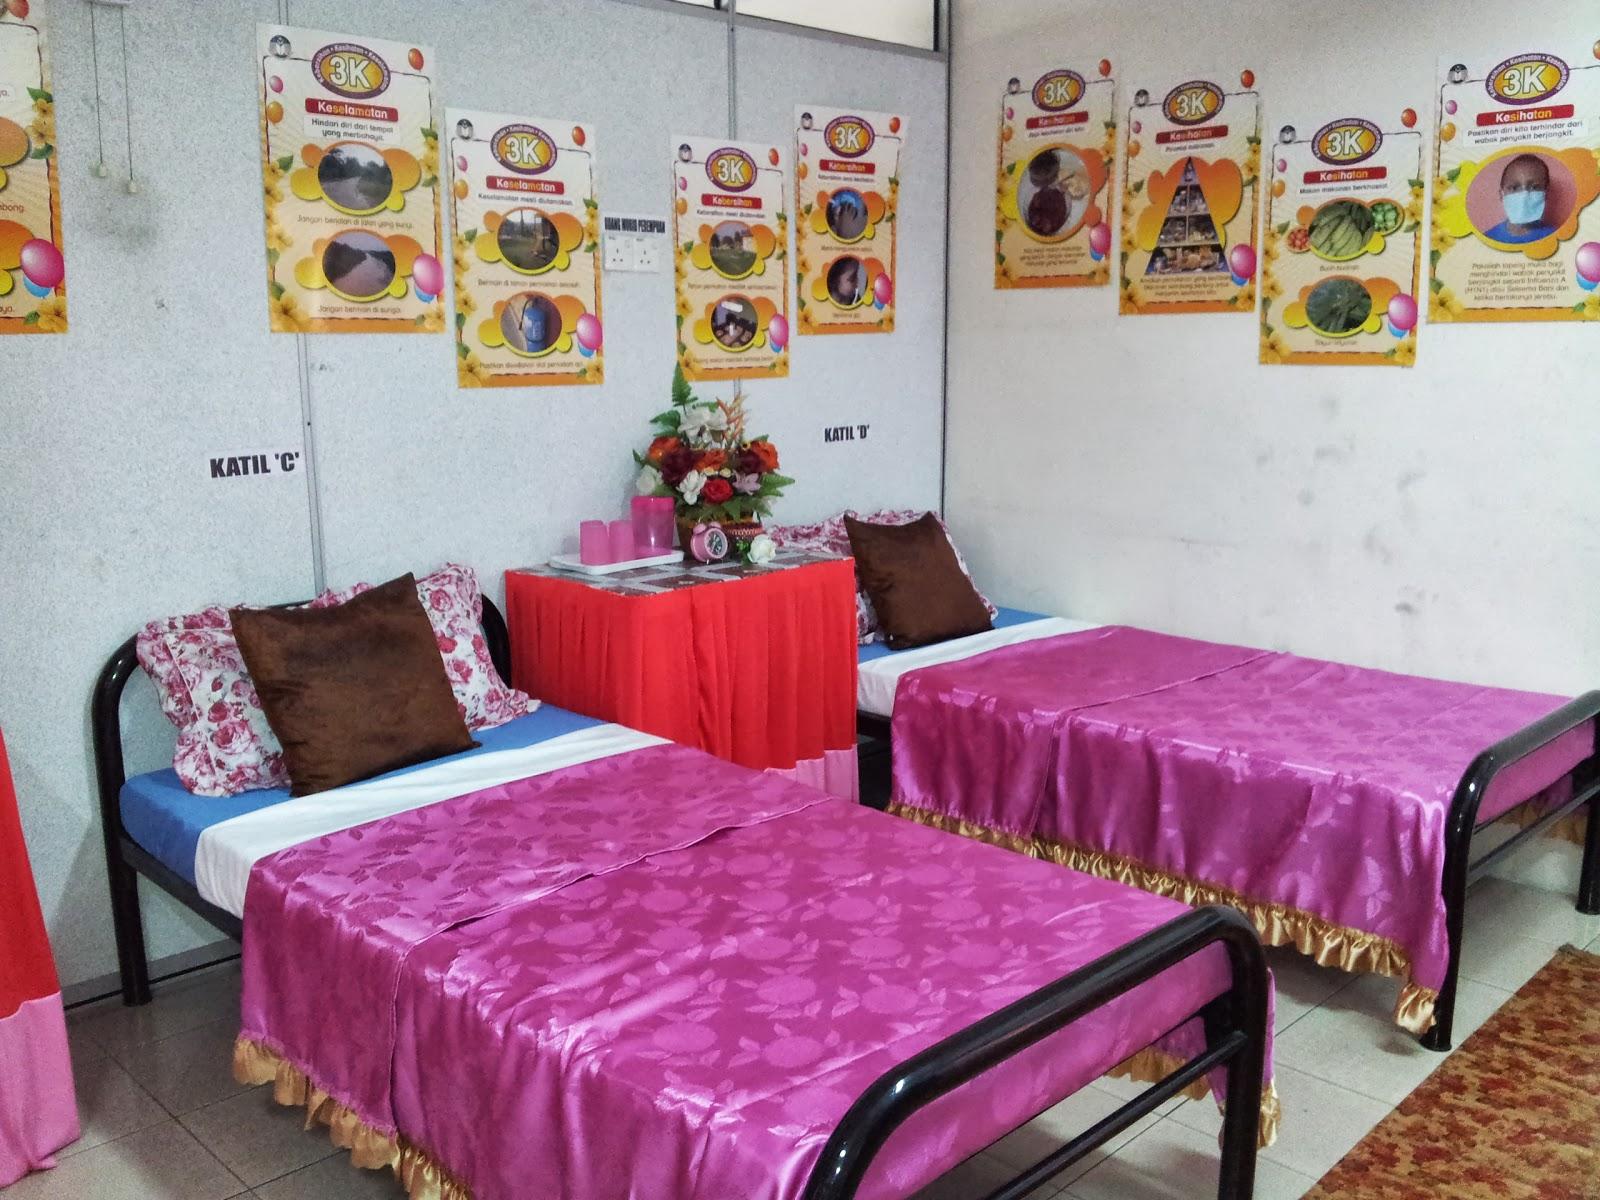 Image from SK Taman Daya 3